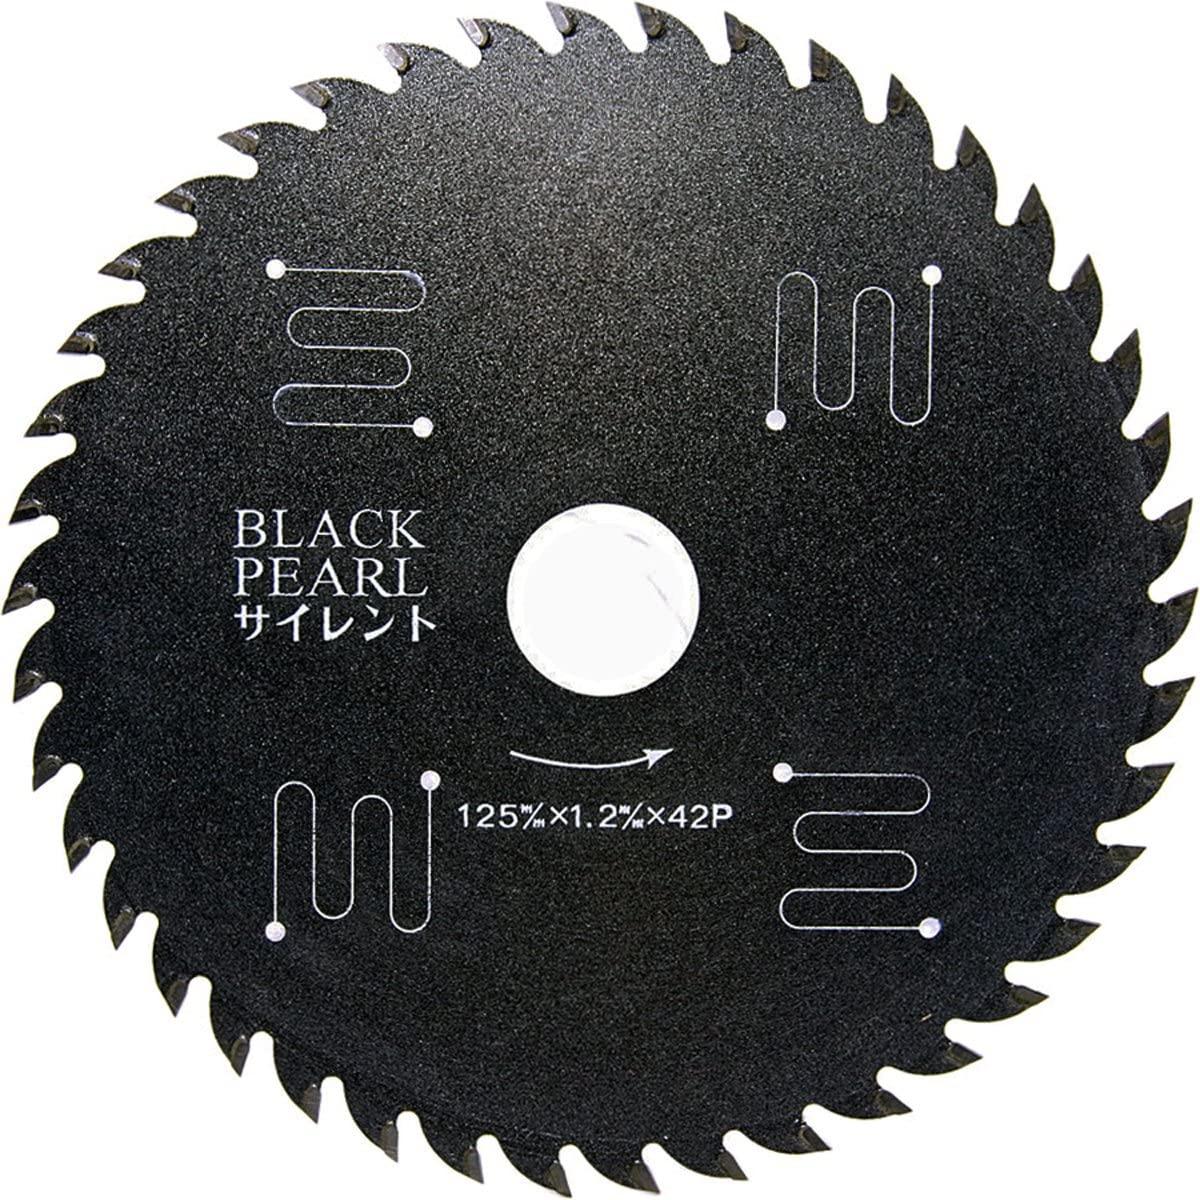 チップソー(木工用)ブラックパールサイレント 125mm×42P [MAT-BLPS-125]